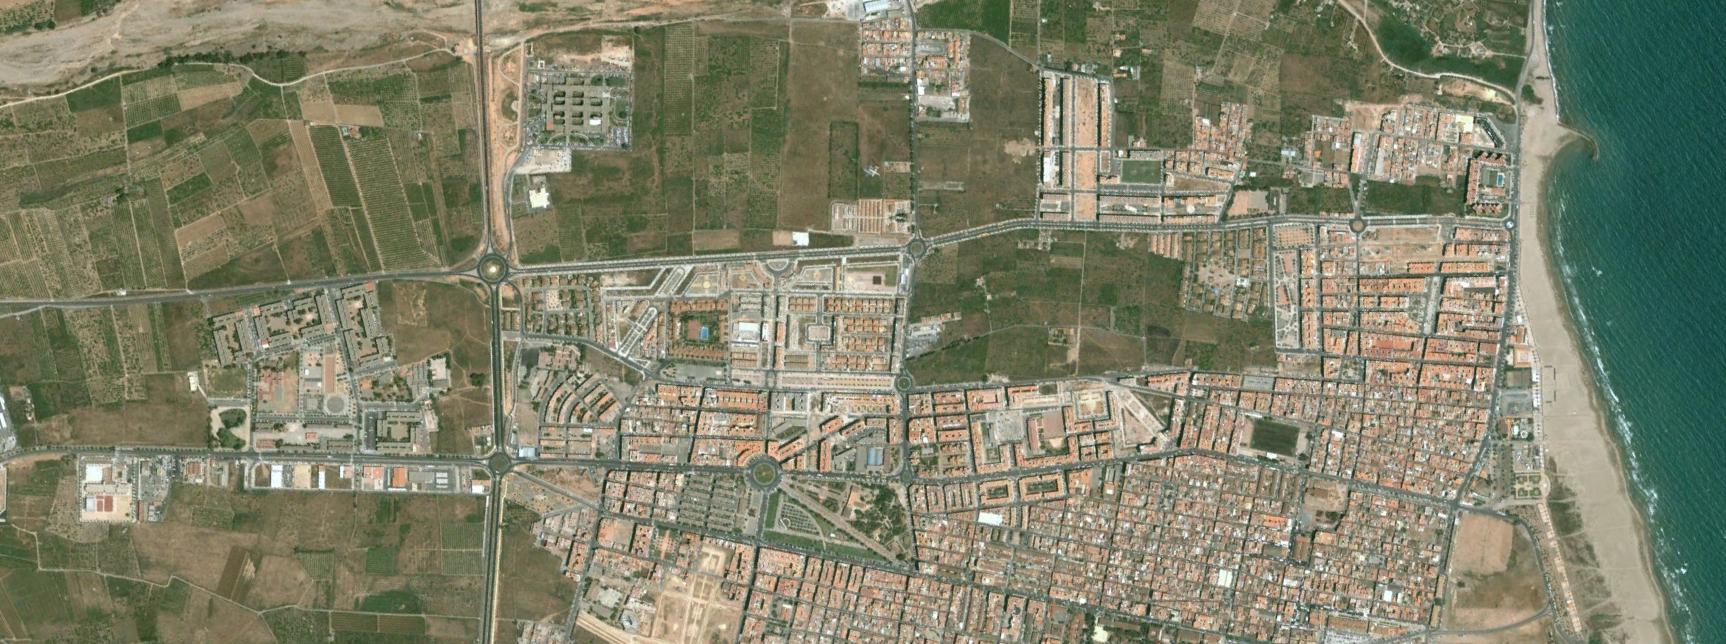 port de sagunt, valencia, no te ajunt, antes, urbanismo, planeamiento, urbano, desastre, urbanístico, construcción